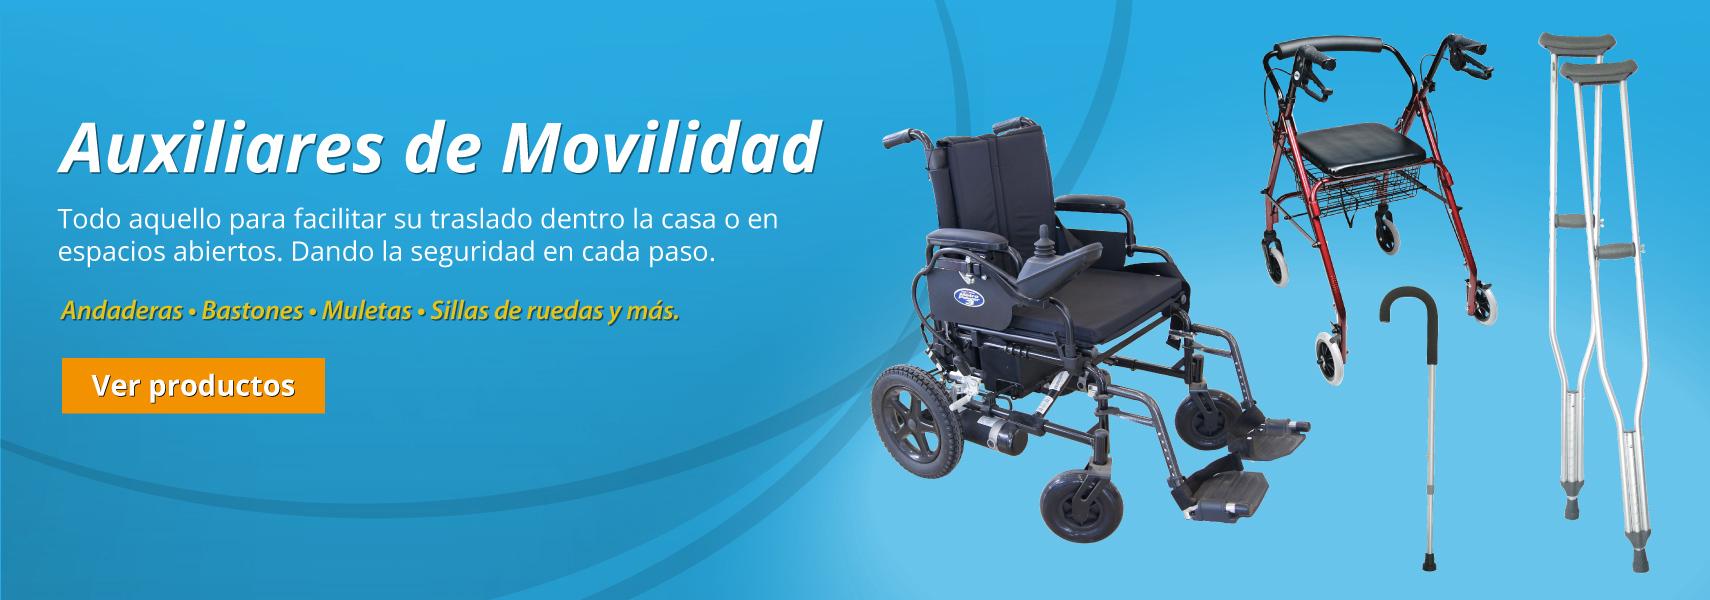 Productos Auxiliares de Movilidad